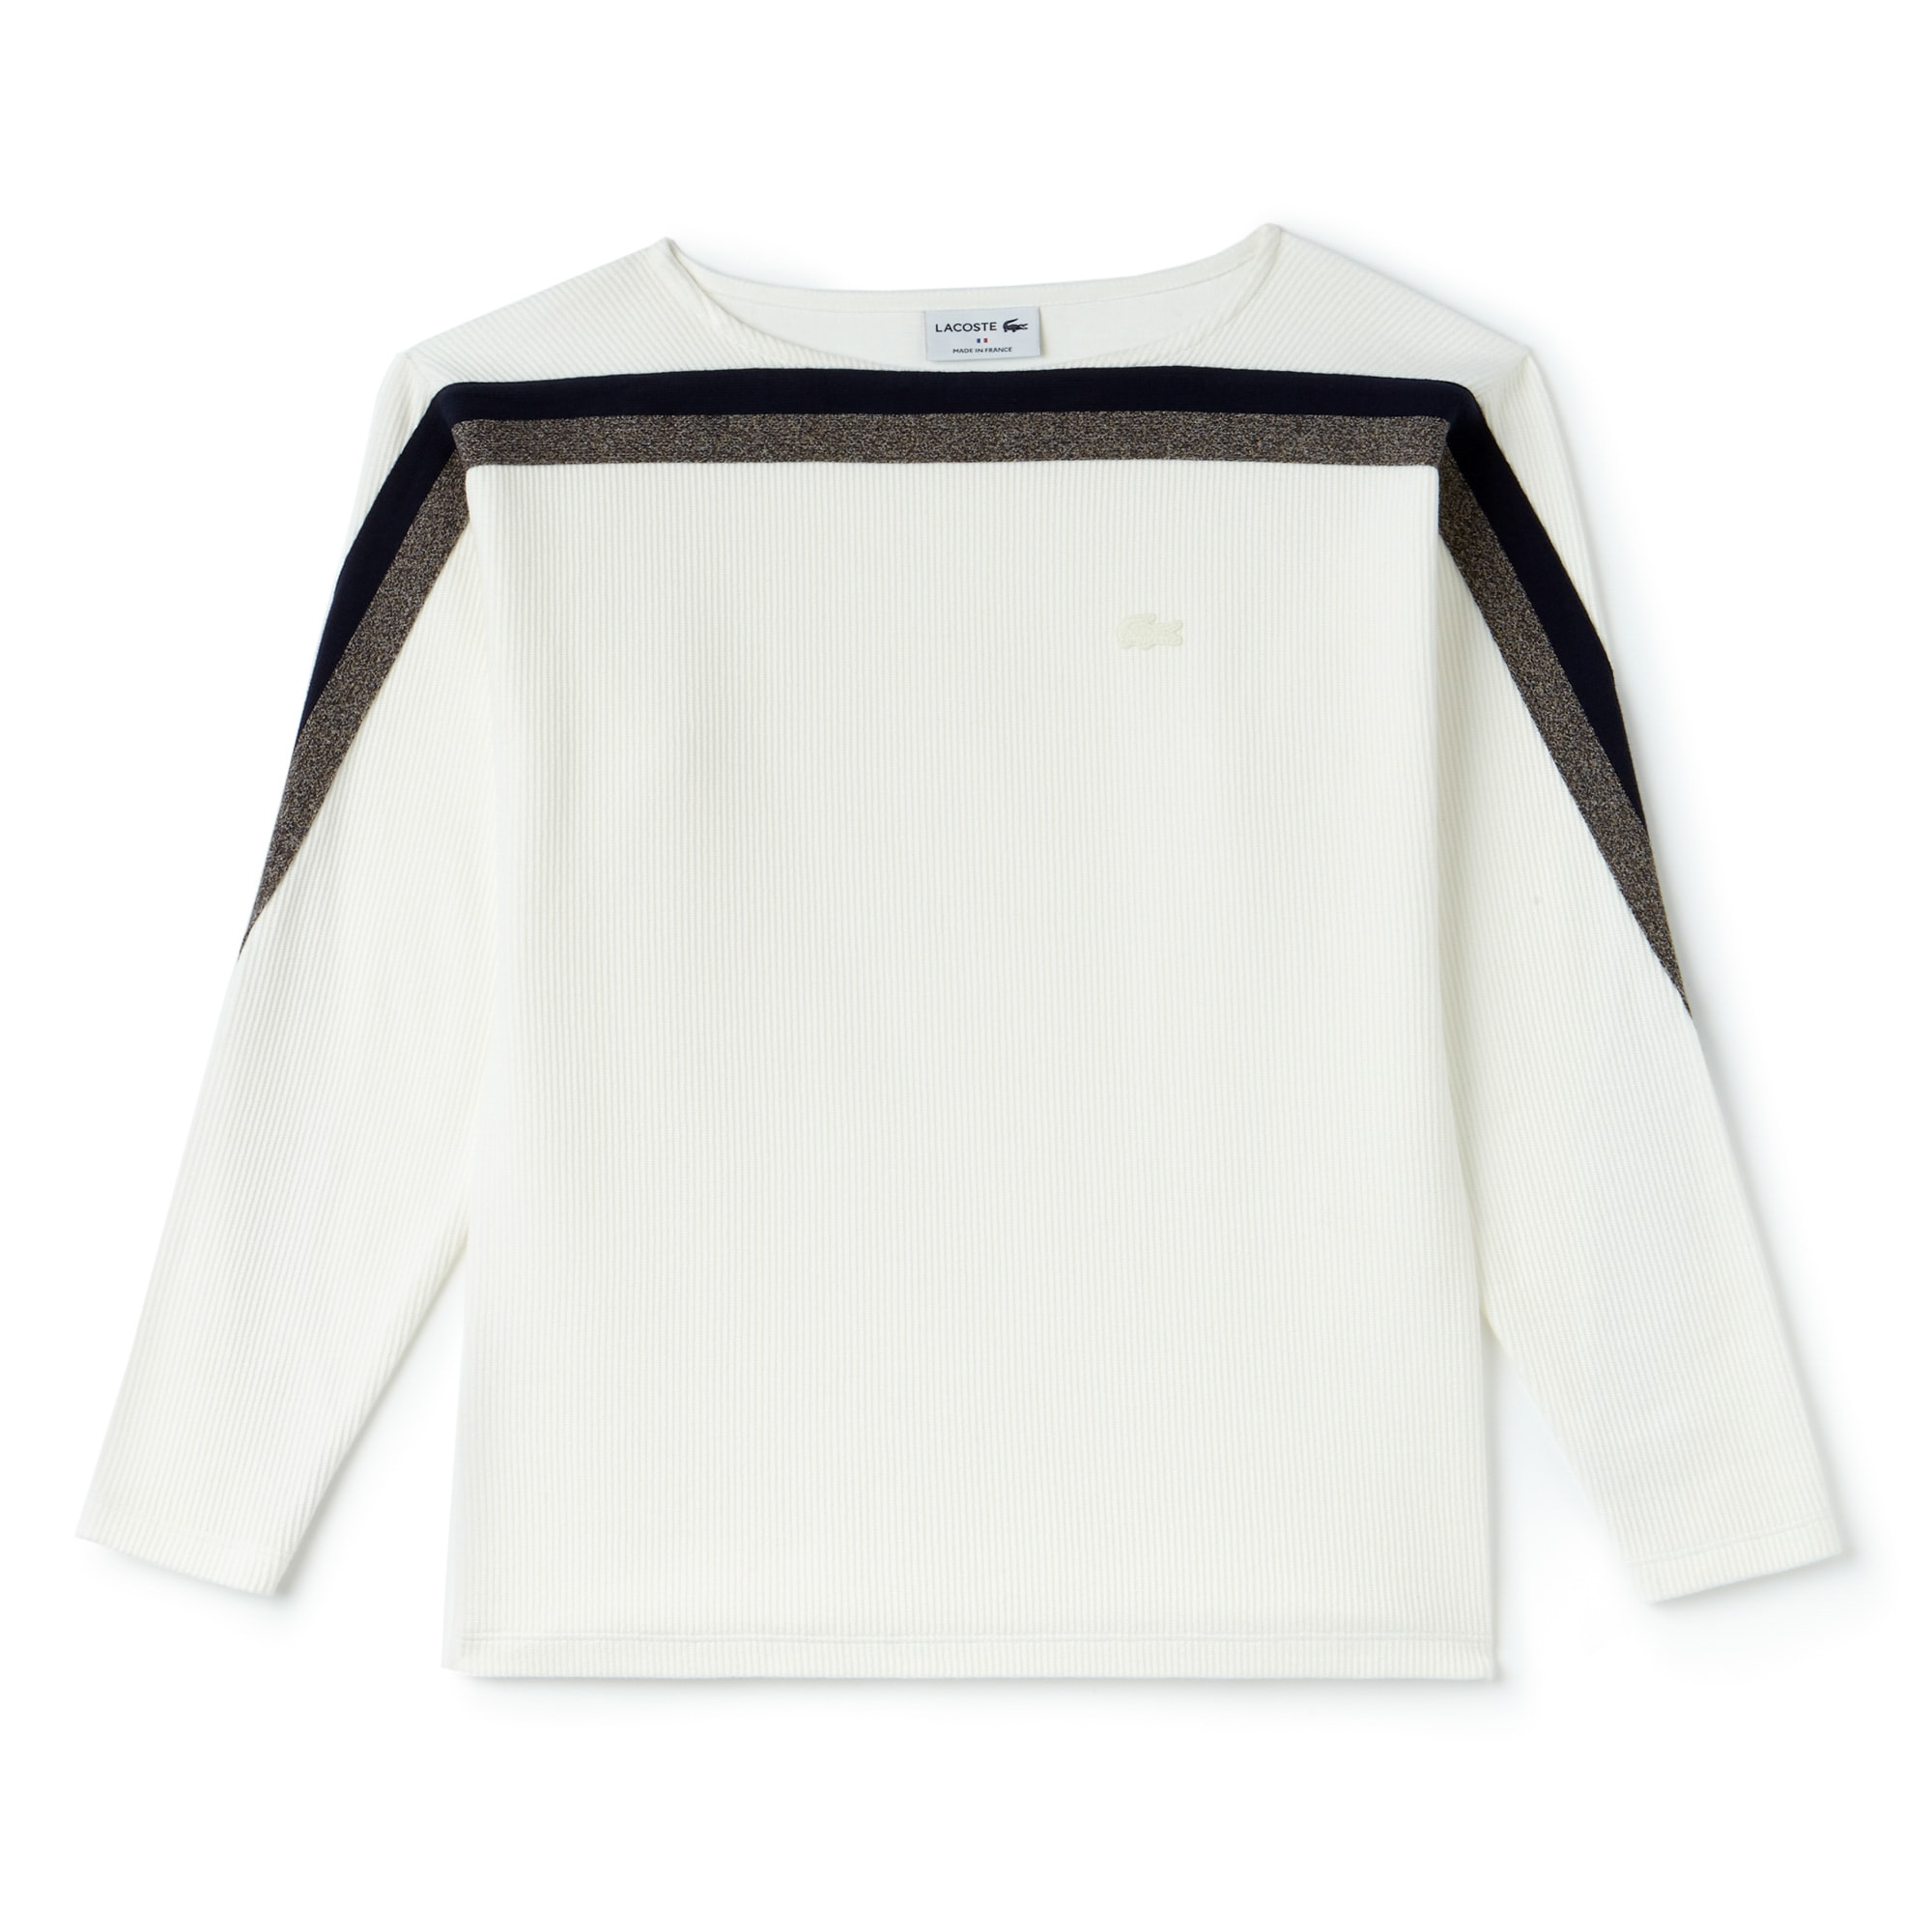 法国制造女士船形领撞色棉质运动衫